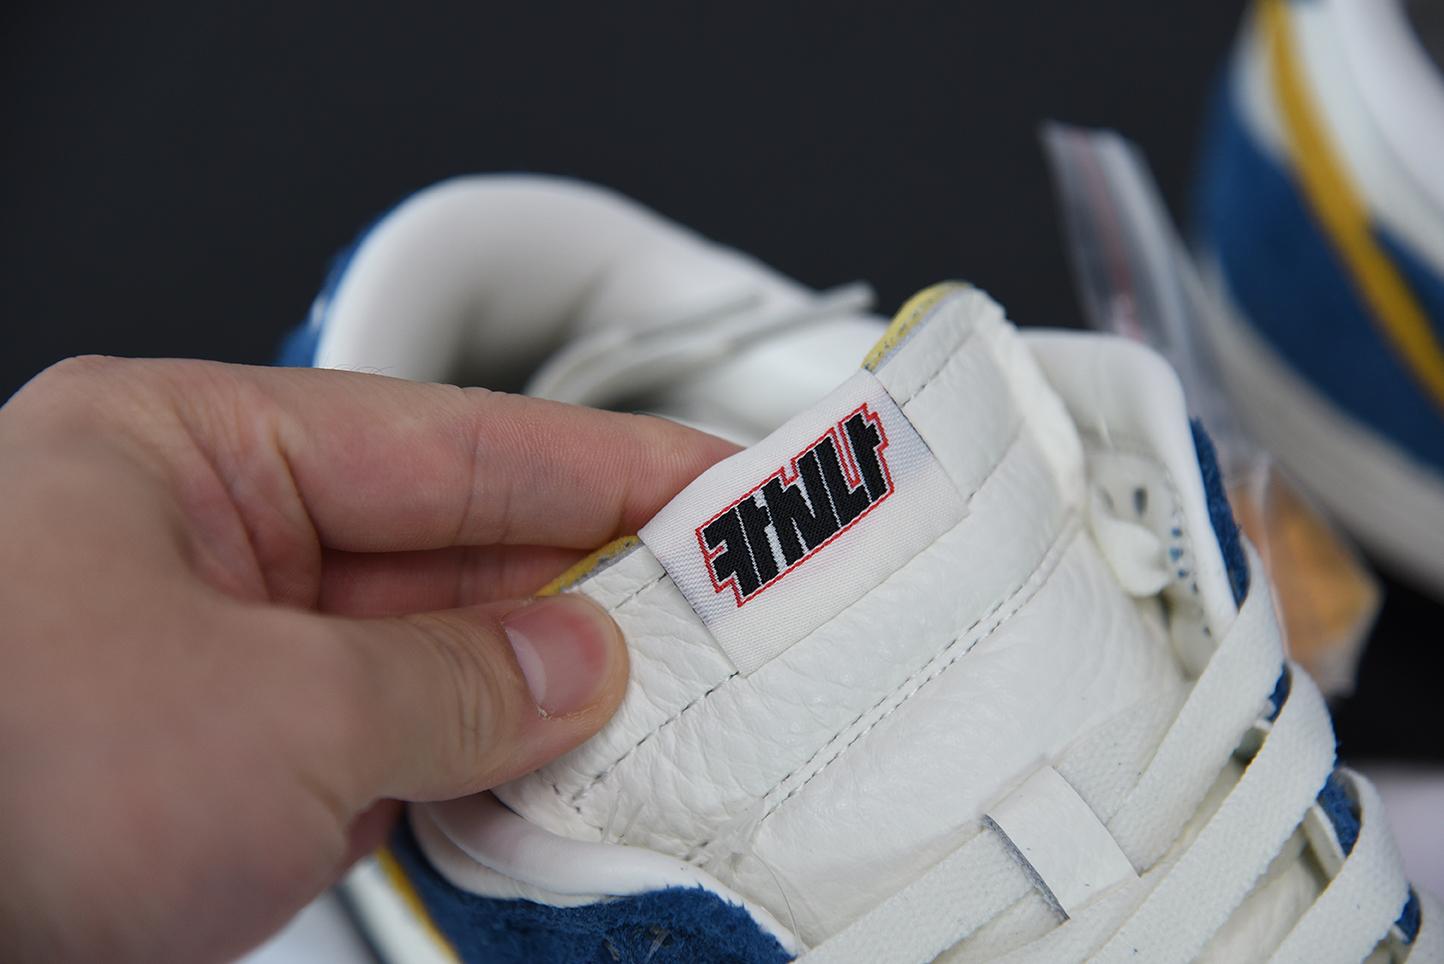 """Z03S5 Kasina x Nk Dunk SB Low """"Road Sign"""" 韩国限定 泫雅同款低帮运动休闲滑板鞋 CZ6501-101尺码36-47.5"""